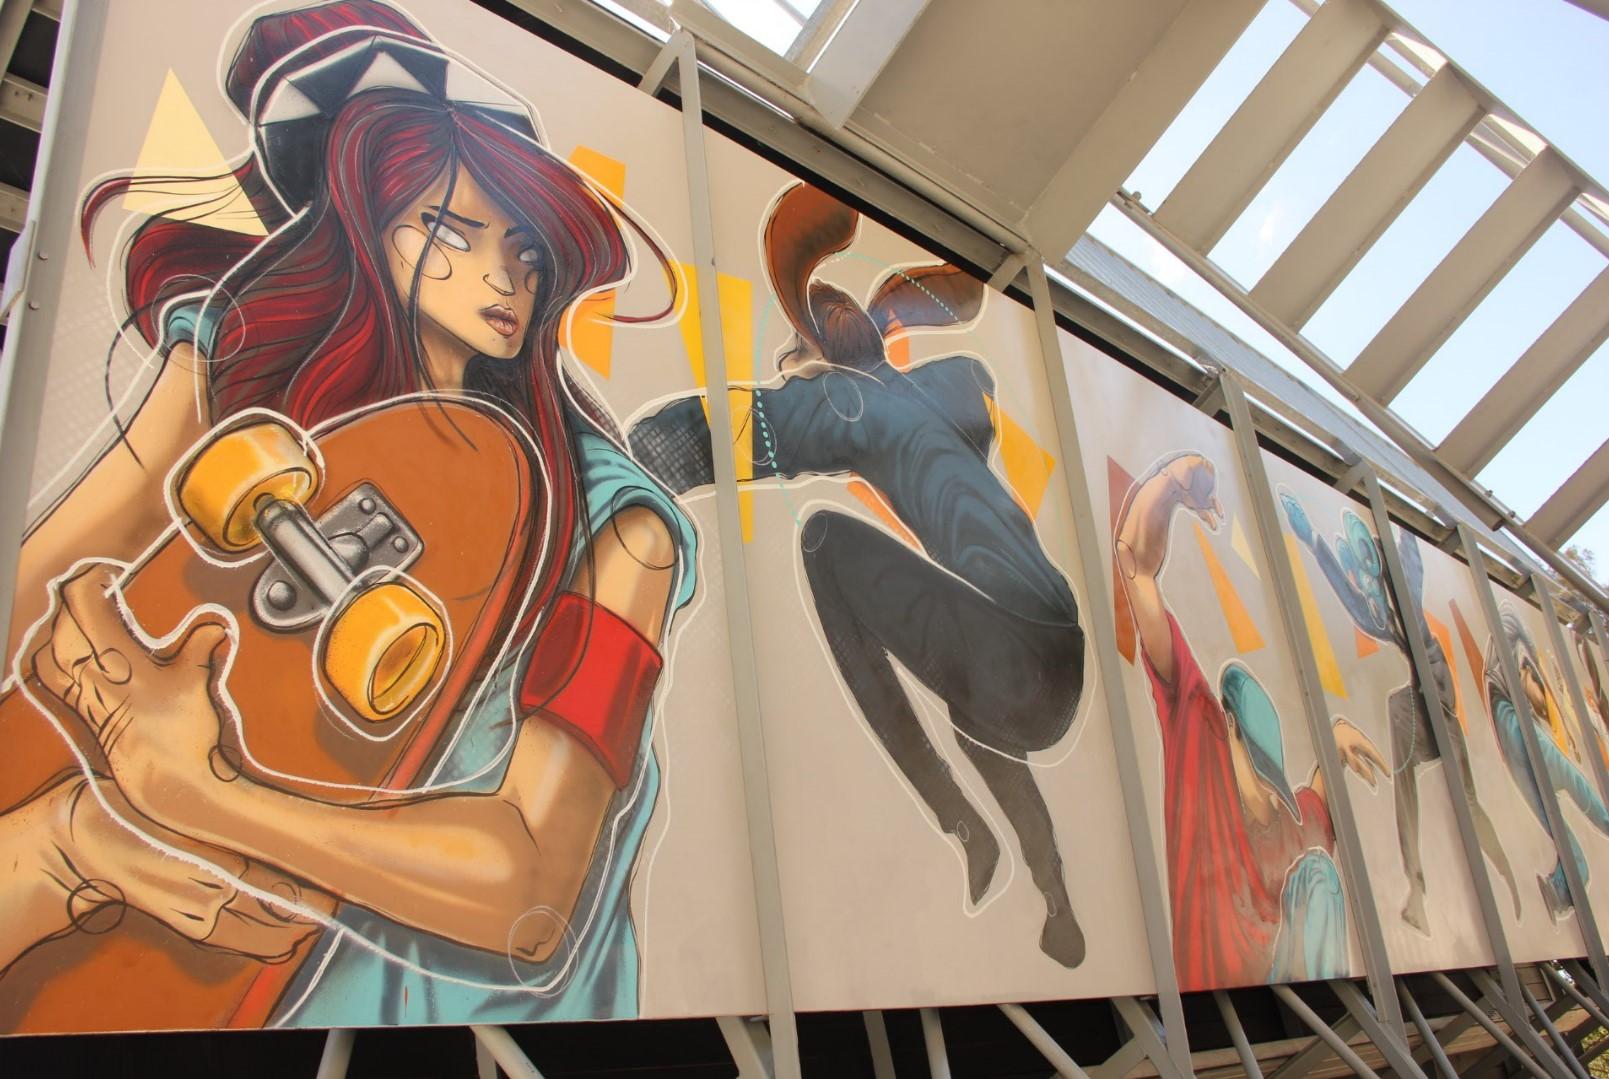 The new skate park artwork at Mona Vale.